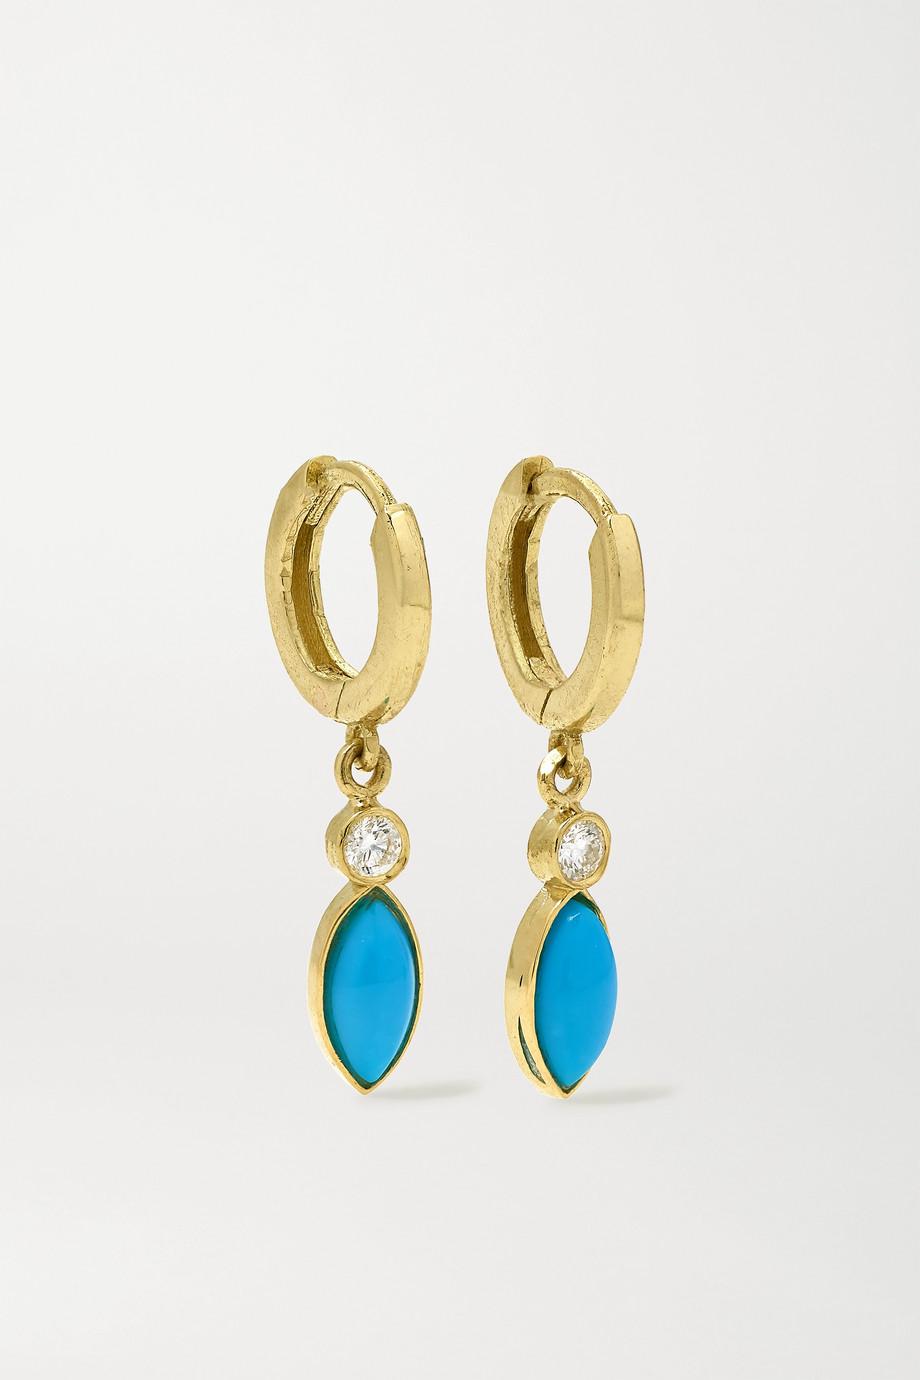 Jennifer Meyer Boucles d'oreilles en or 18carats, turquoises et diamants